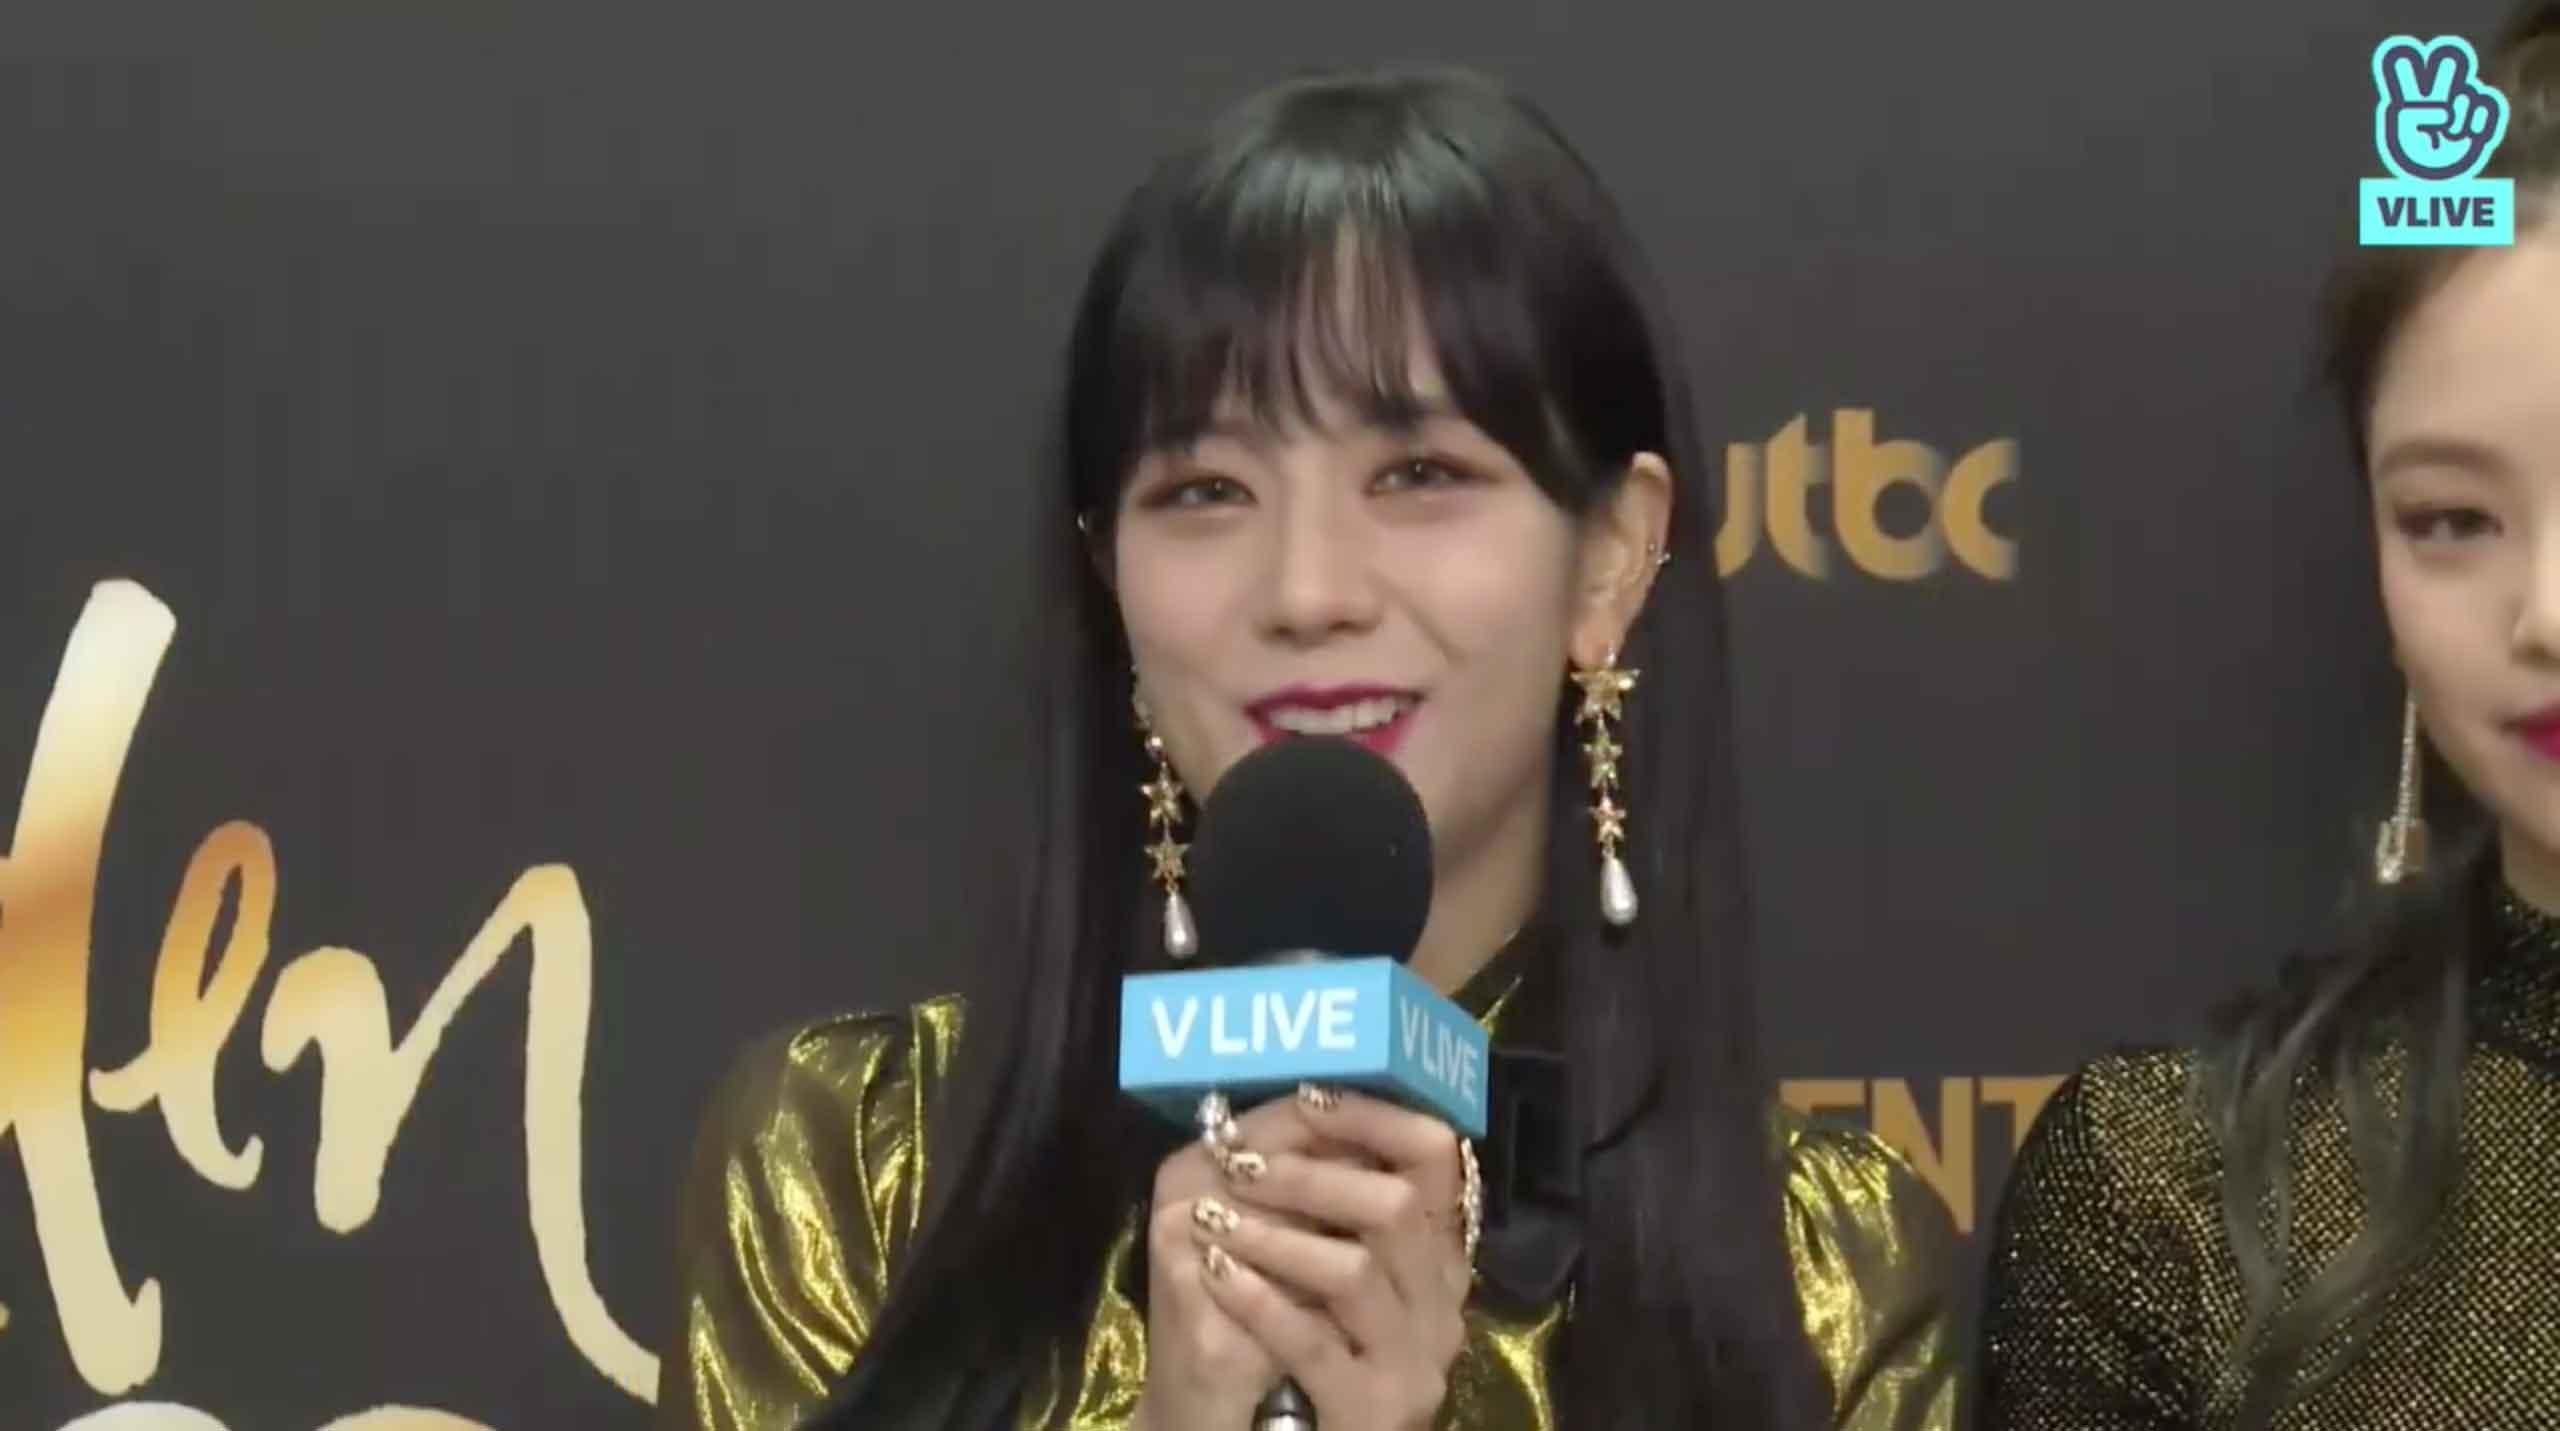 Blackpink Jisoo backstage Golden Disc Awards 2018